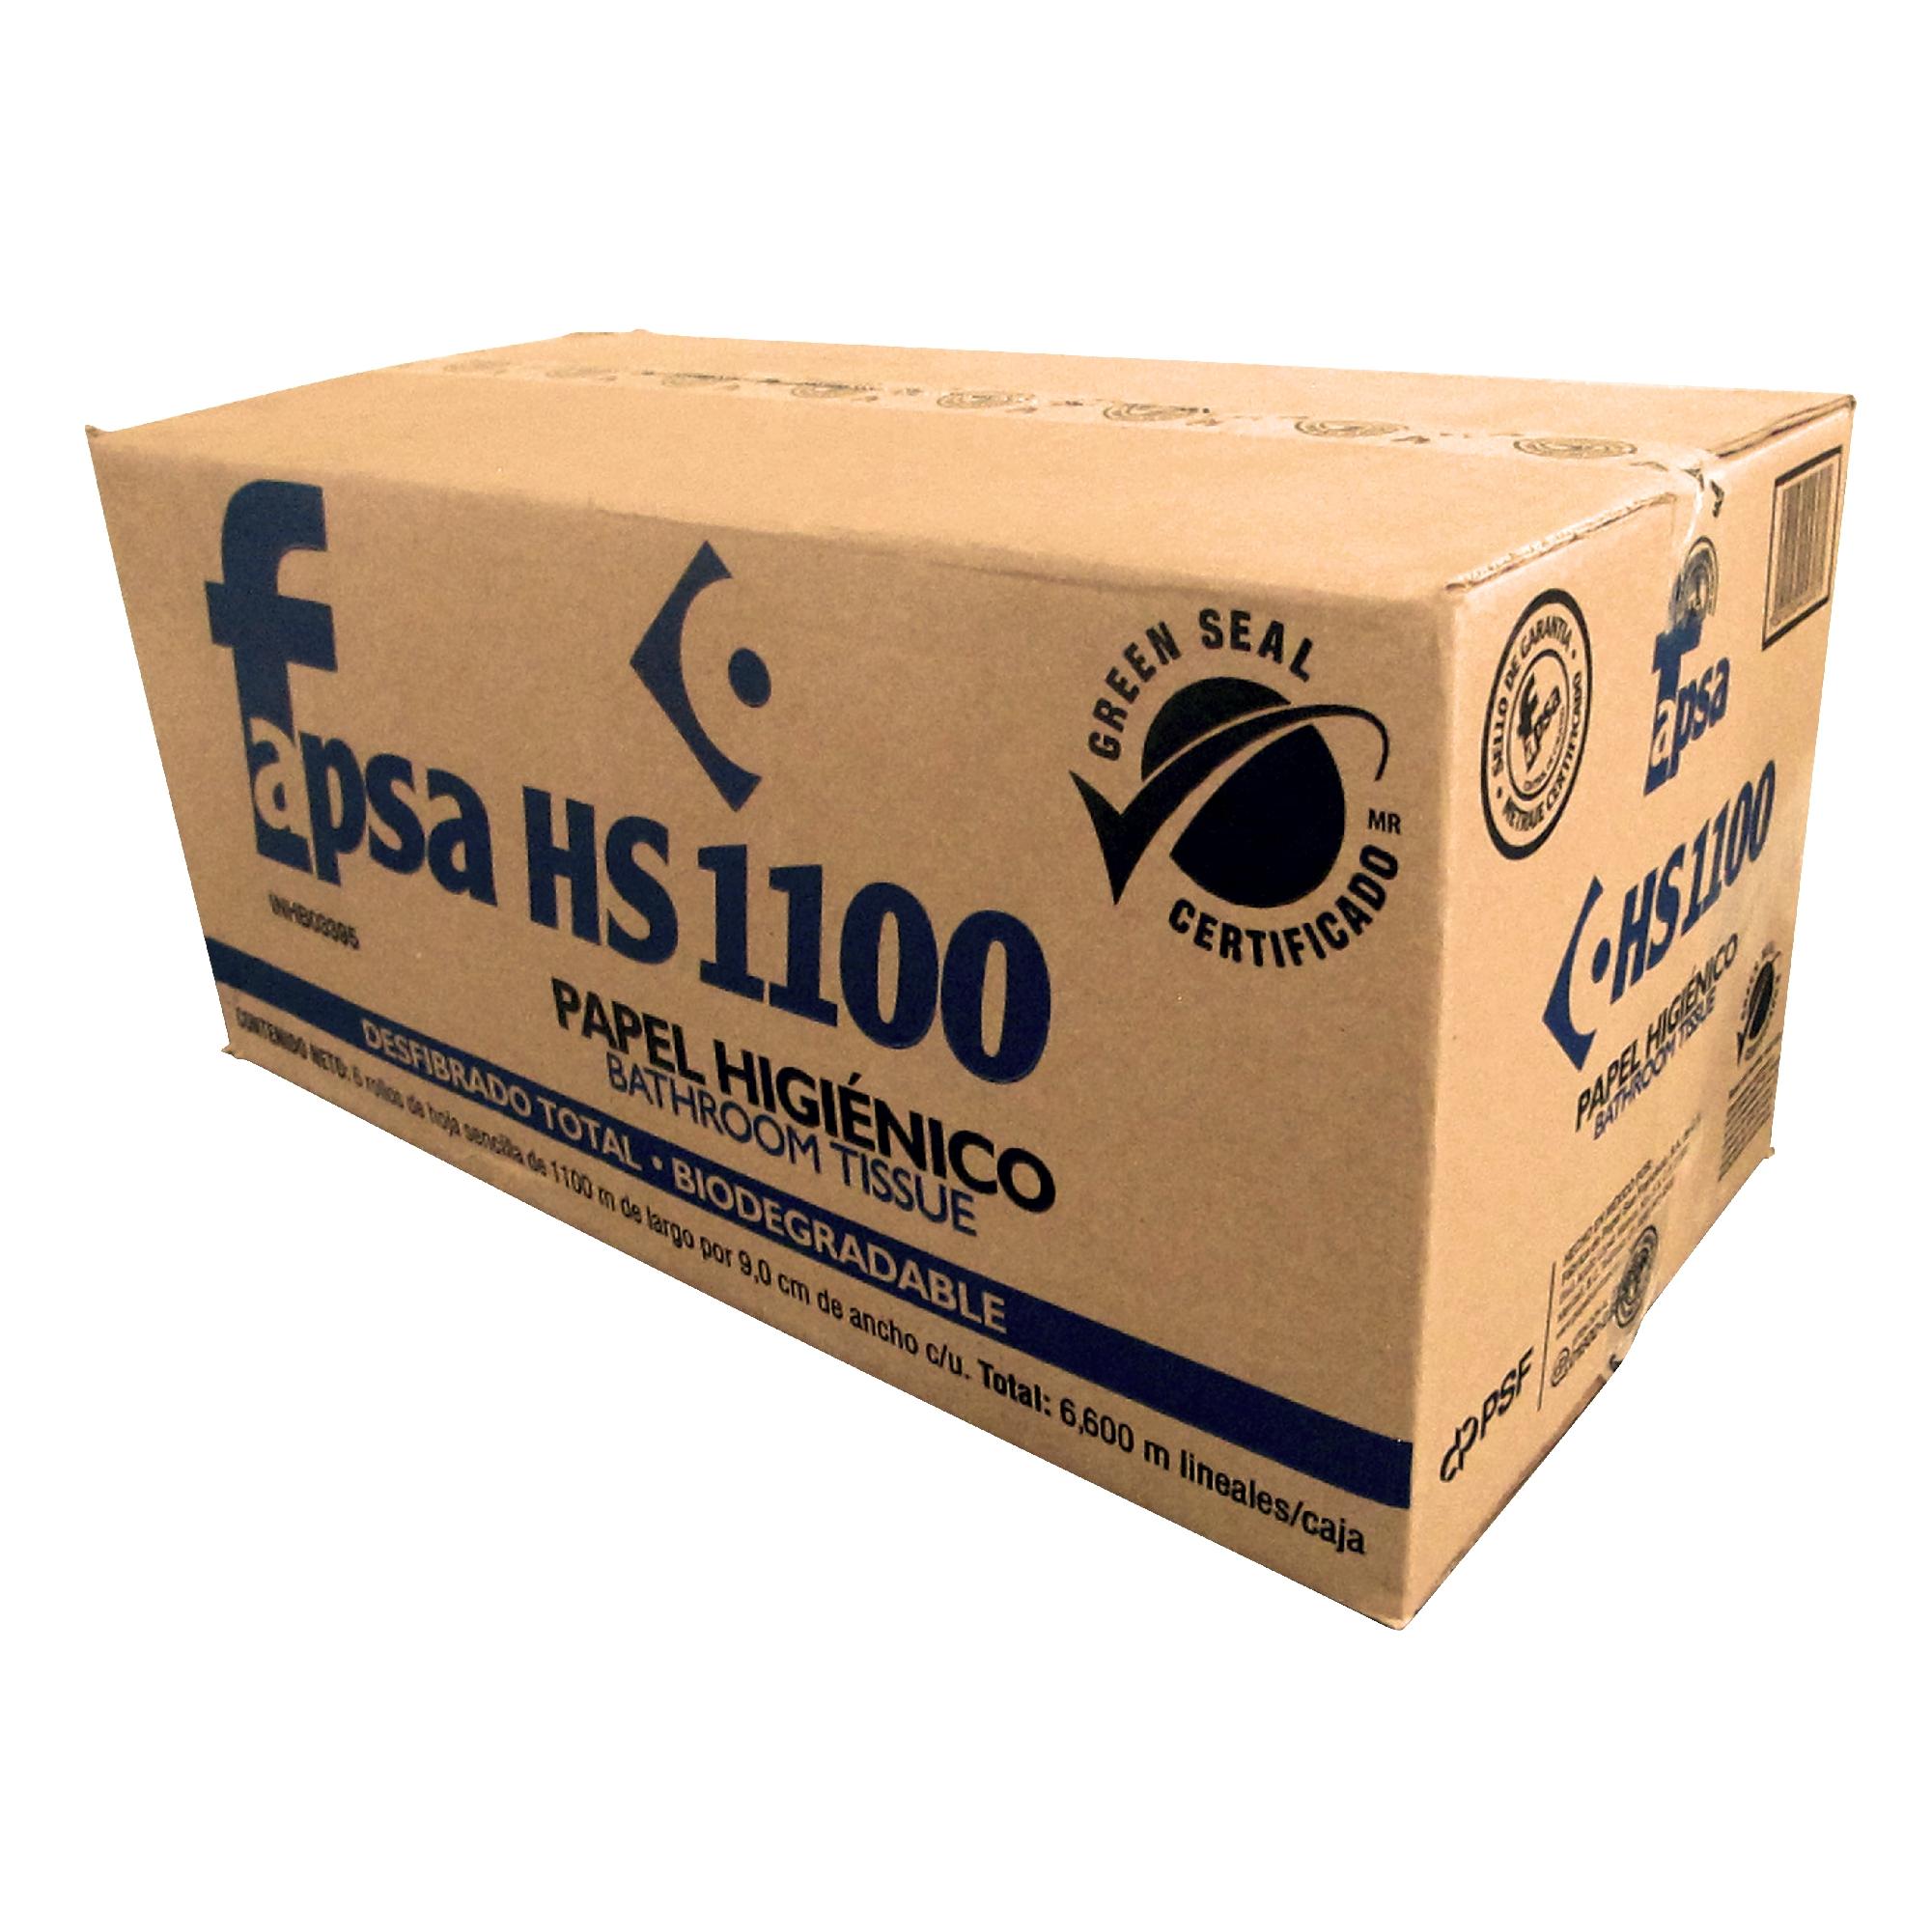 Fapsa HS1100 Higiénico institucional hoja sencilla, caja con 6 rollos de 1100 mts cada uno 1